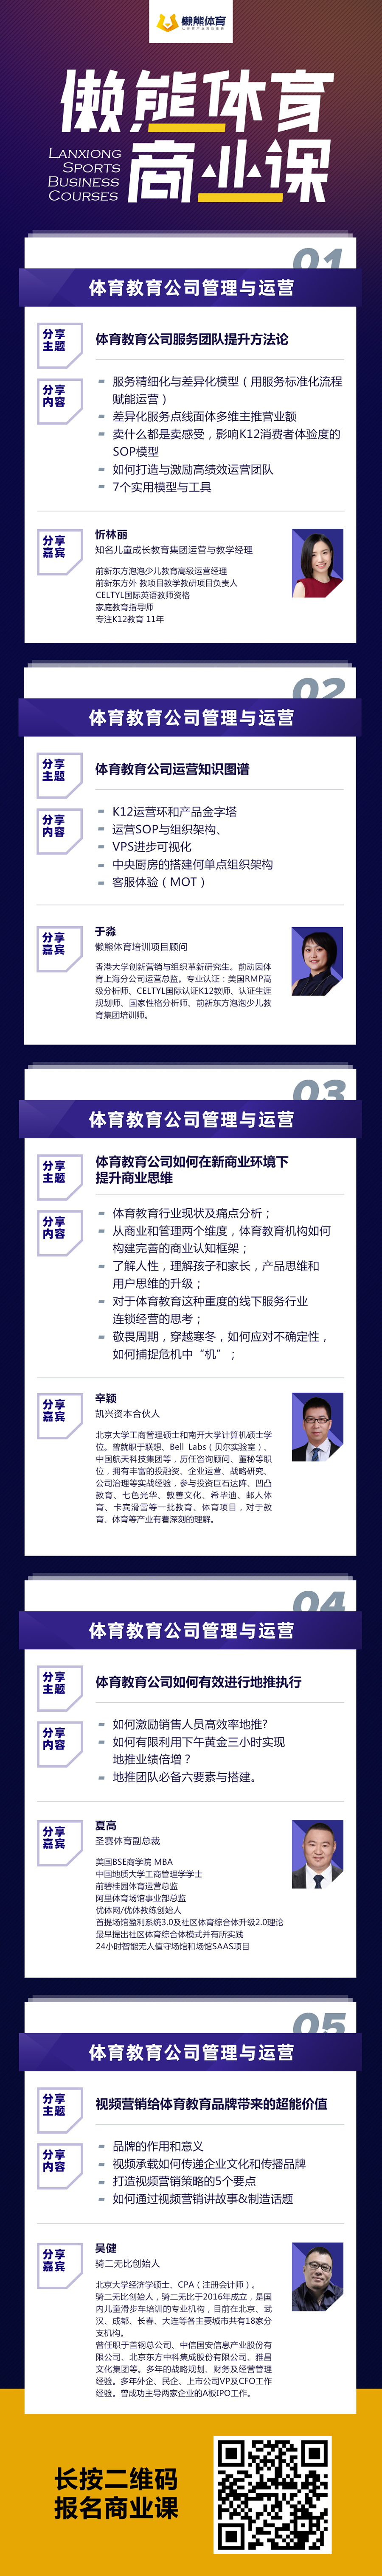 体育教育公司管理与运营(武汉站)